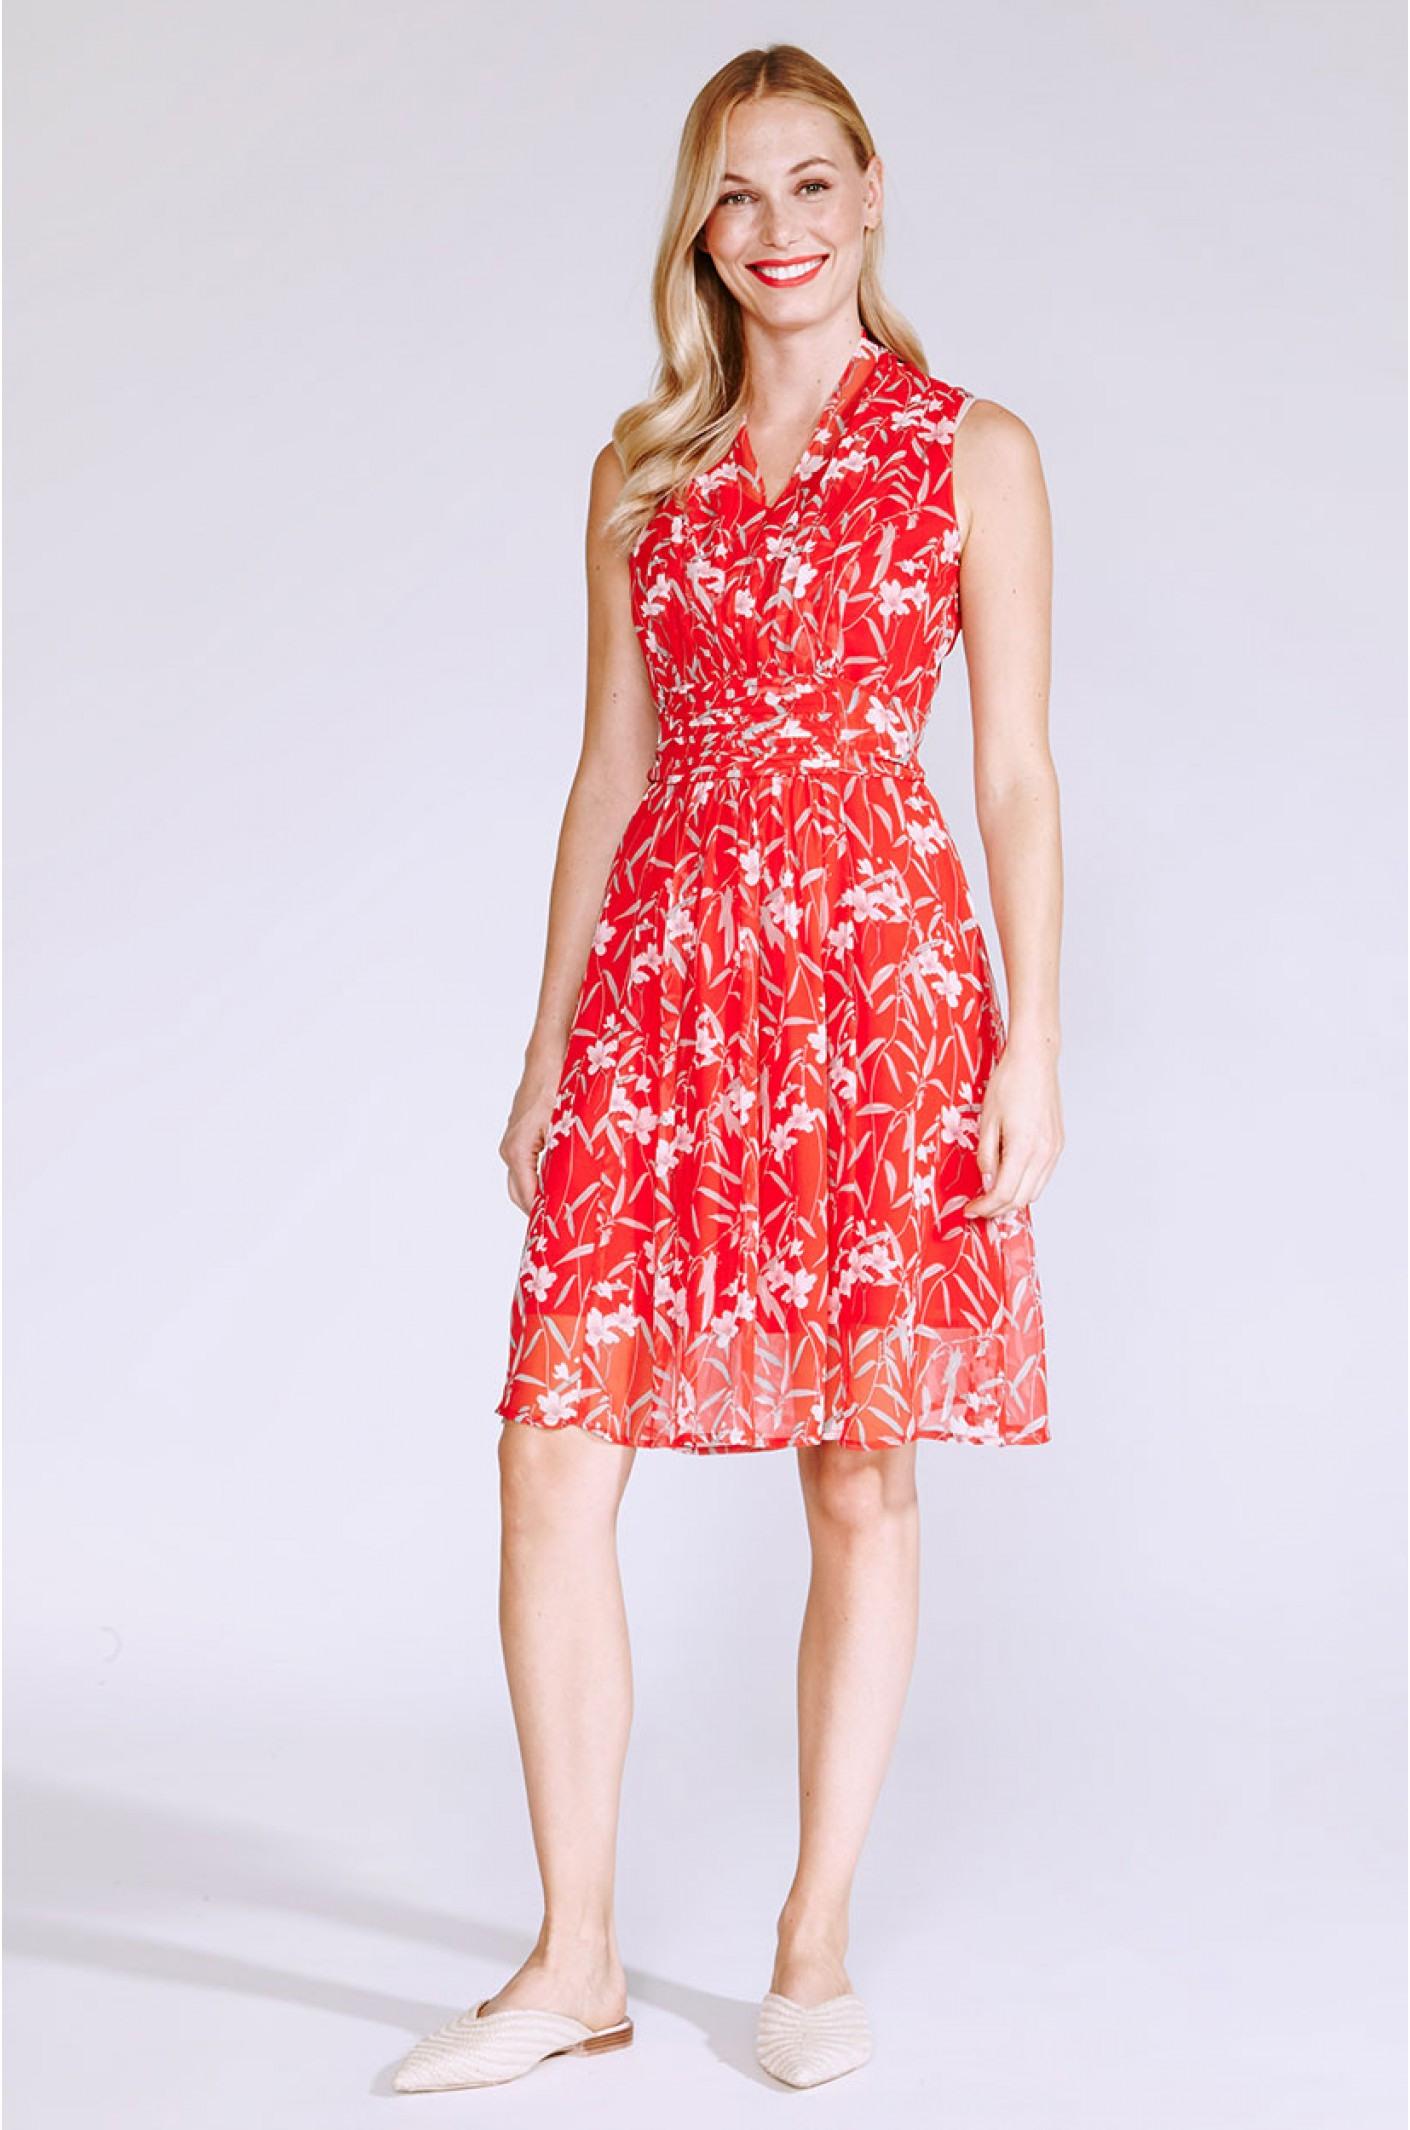 Leichtes Sommerkleid In Rot Mit Blumen  Kala Fashion